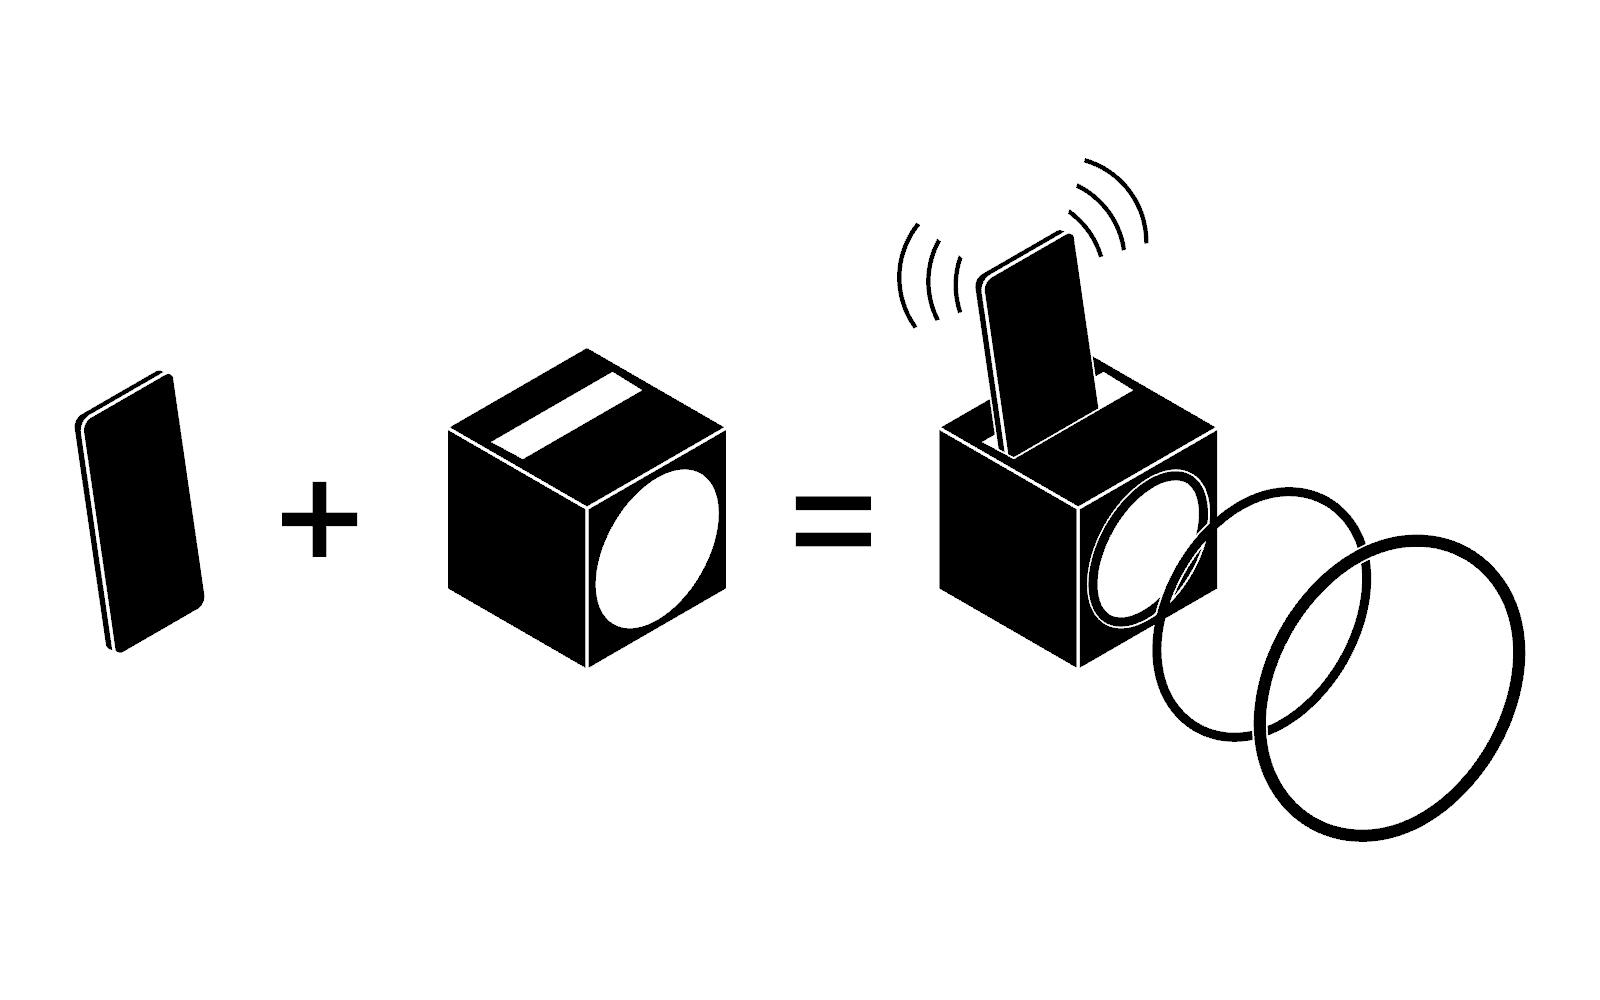 speaker image.jpg